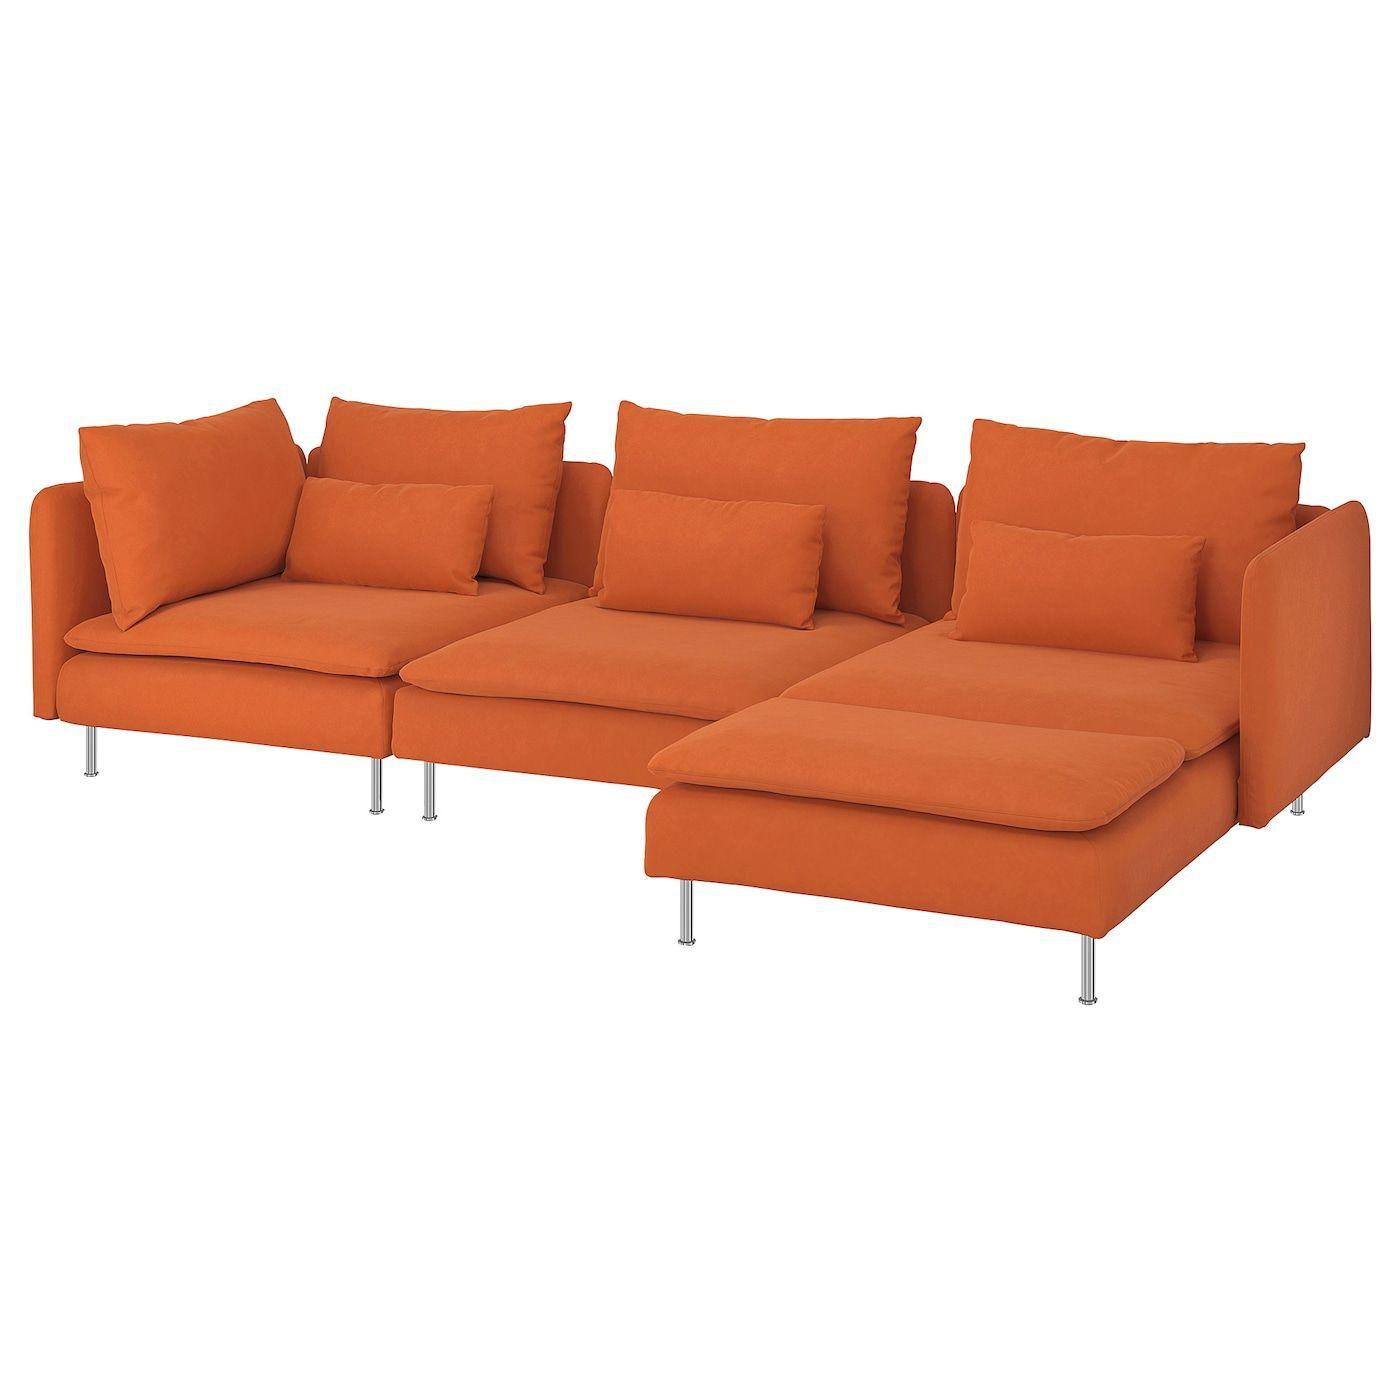 Soderhamn 4er Sofa Mit Recamiere Samsta Orange Ikea Osterreich In 2020 Ikea Chaise Ikea Armchair